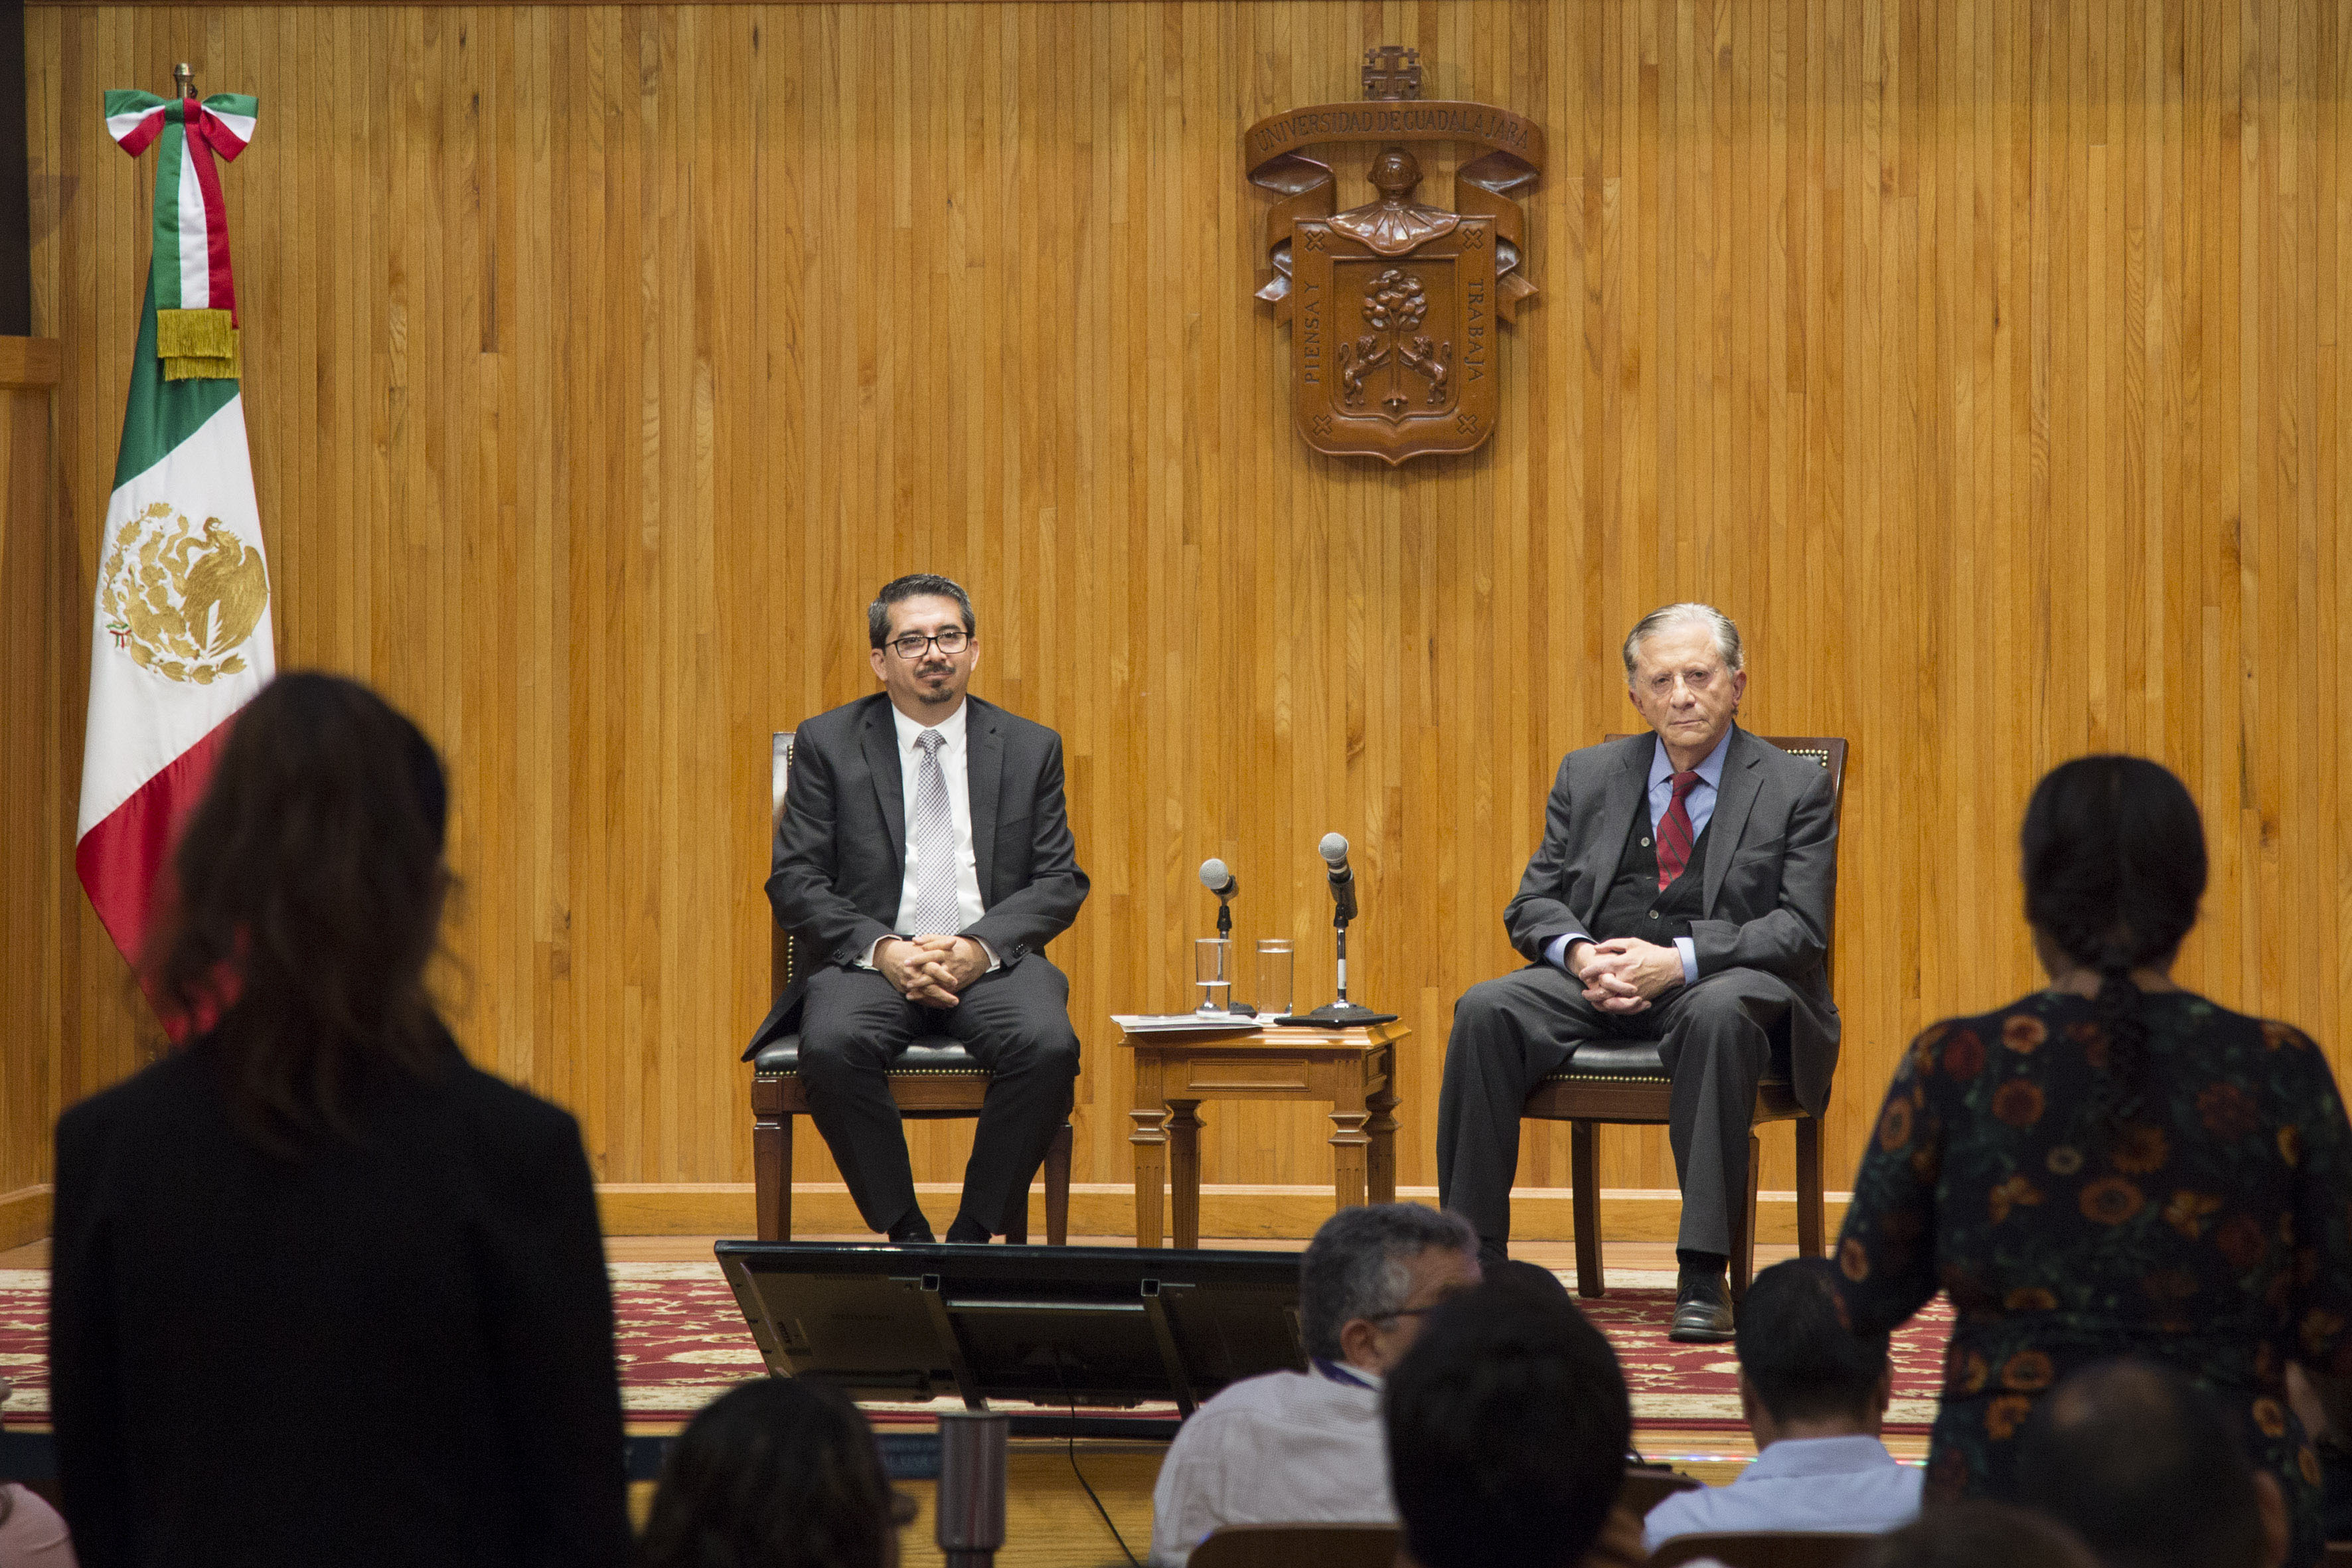 Mujer asistente al evento, haciendo preguntas durante la charla llevada por el Rector del CUCEA, maestro José Alberto Castellanos Gutiérrez, y el Secretario de Innovación, Ciencia y Tecnología de Jalisco, maestro Jaime Reyes Robles.